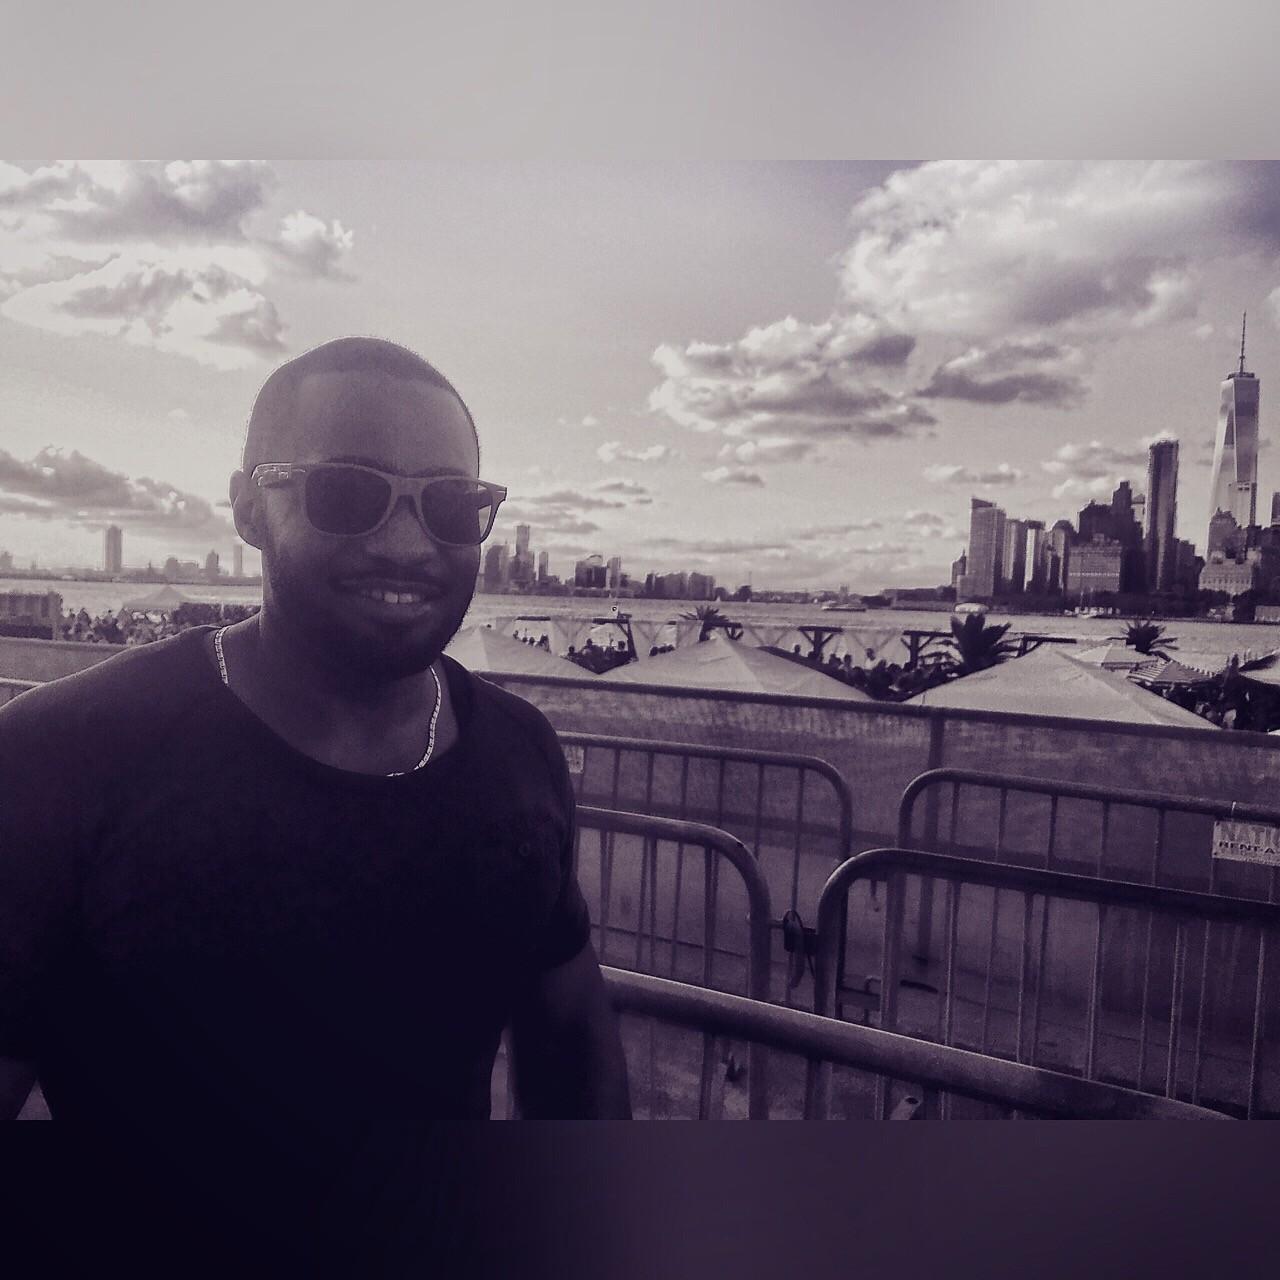 Tyrone Smith @ Full Moon Festival NYC Govenor's Island Stoli G-Star Raw